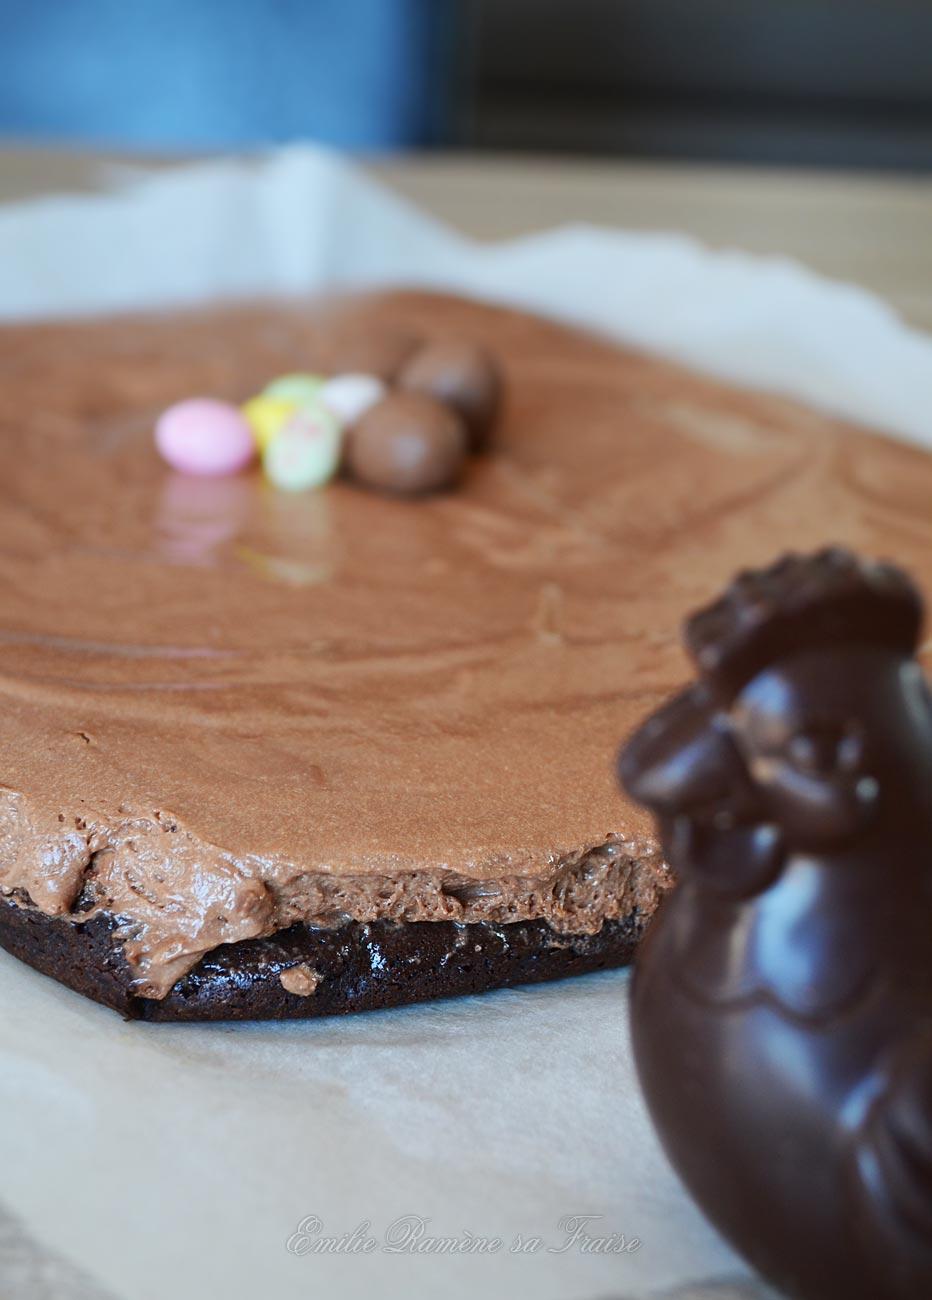 mi-mousse, mi-moelleux au chocolat